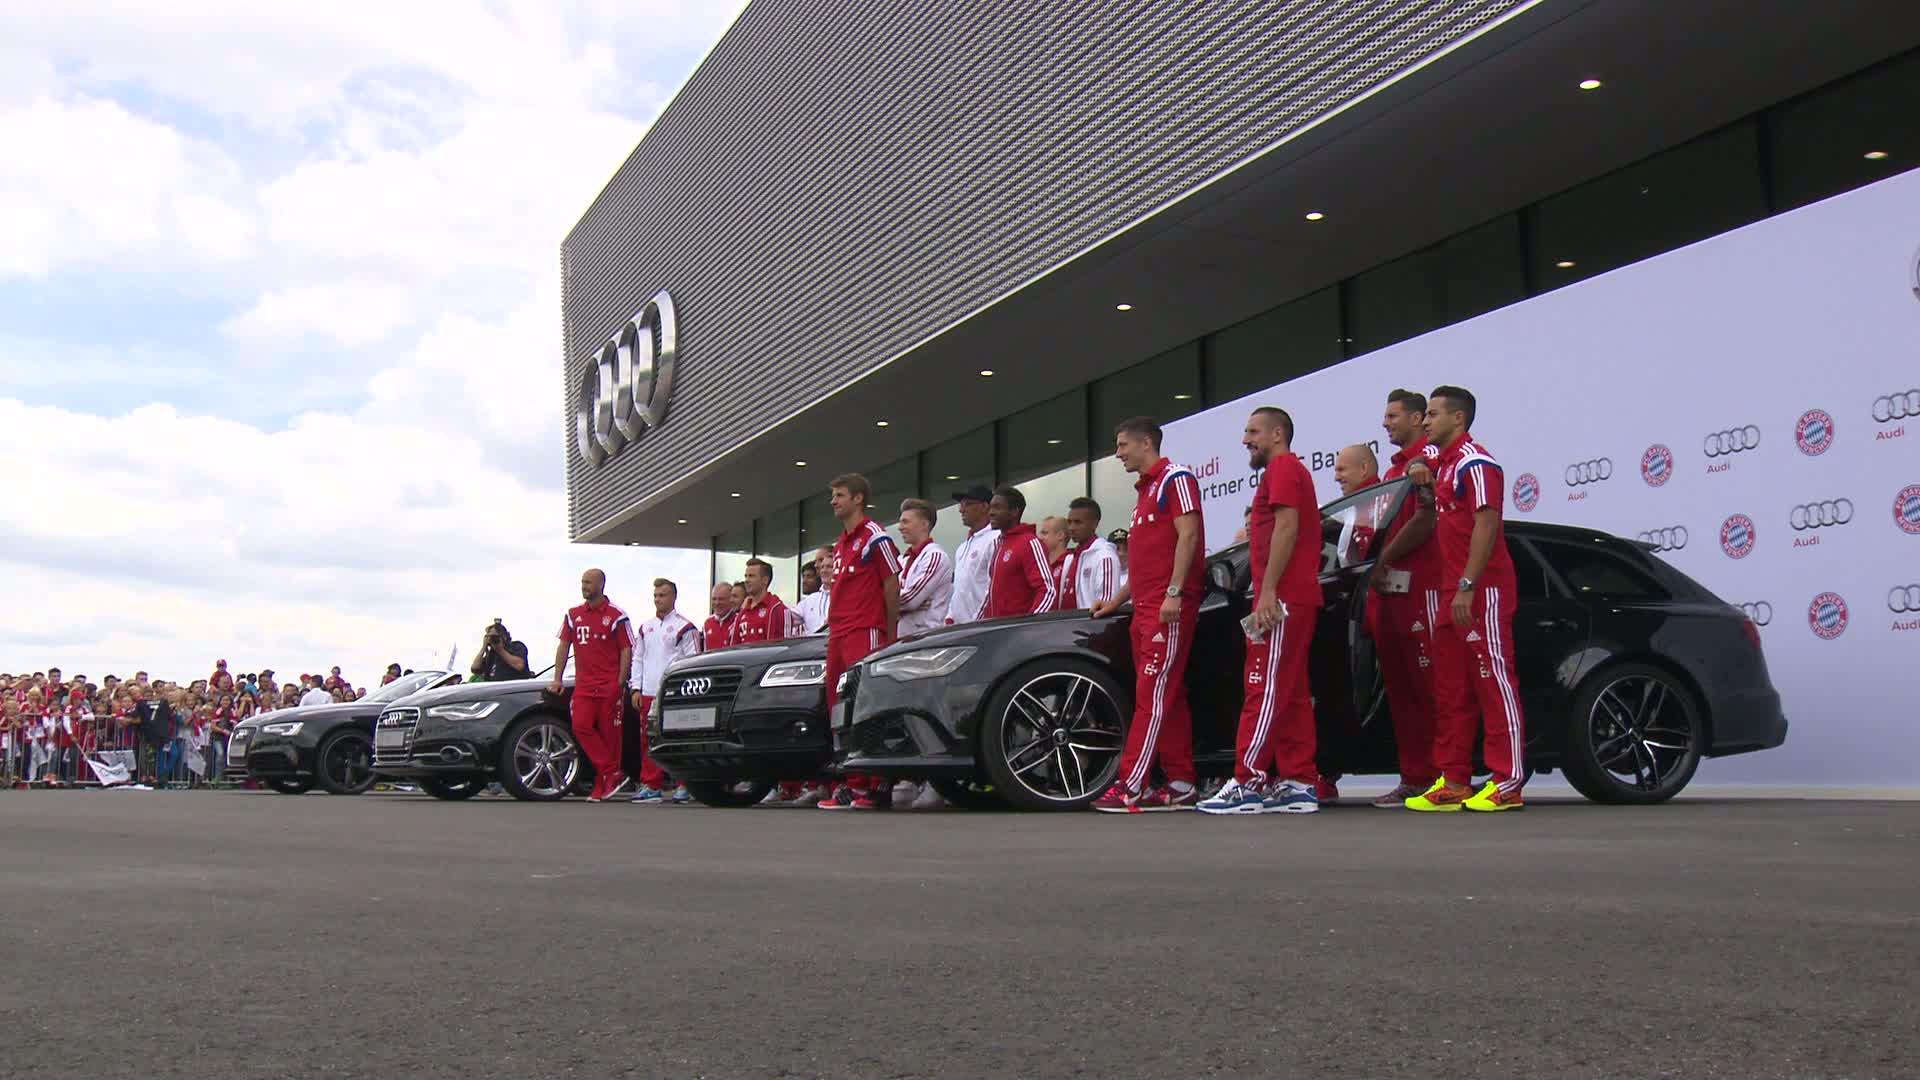 Fahrerlebnistag und Autoübergabe für FC Bayern München in Neuburg